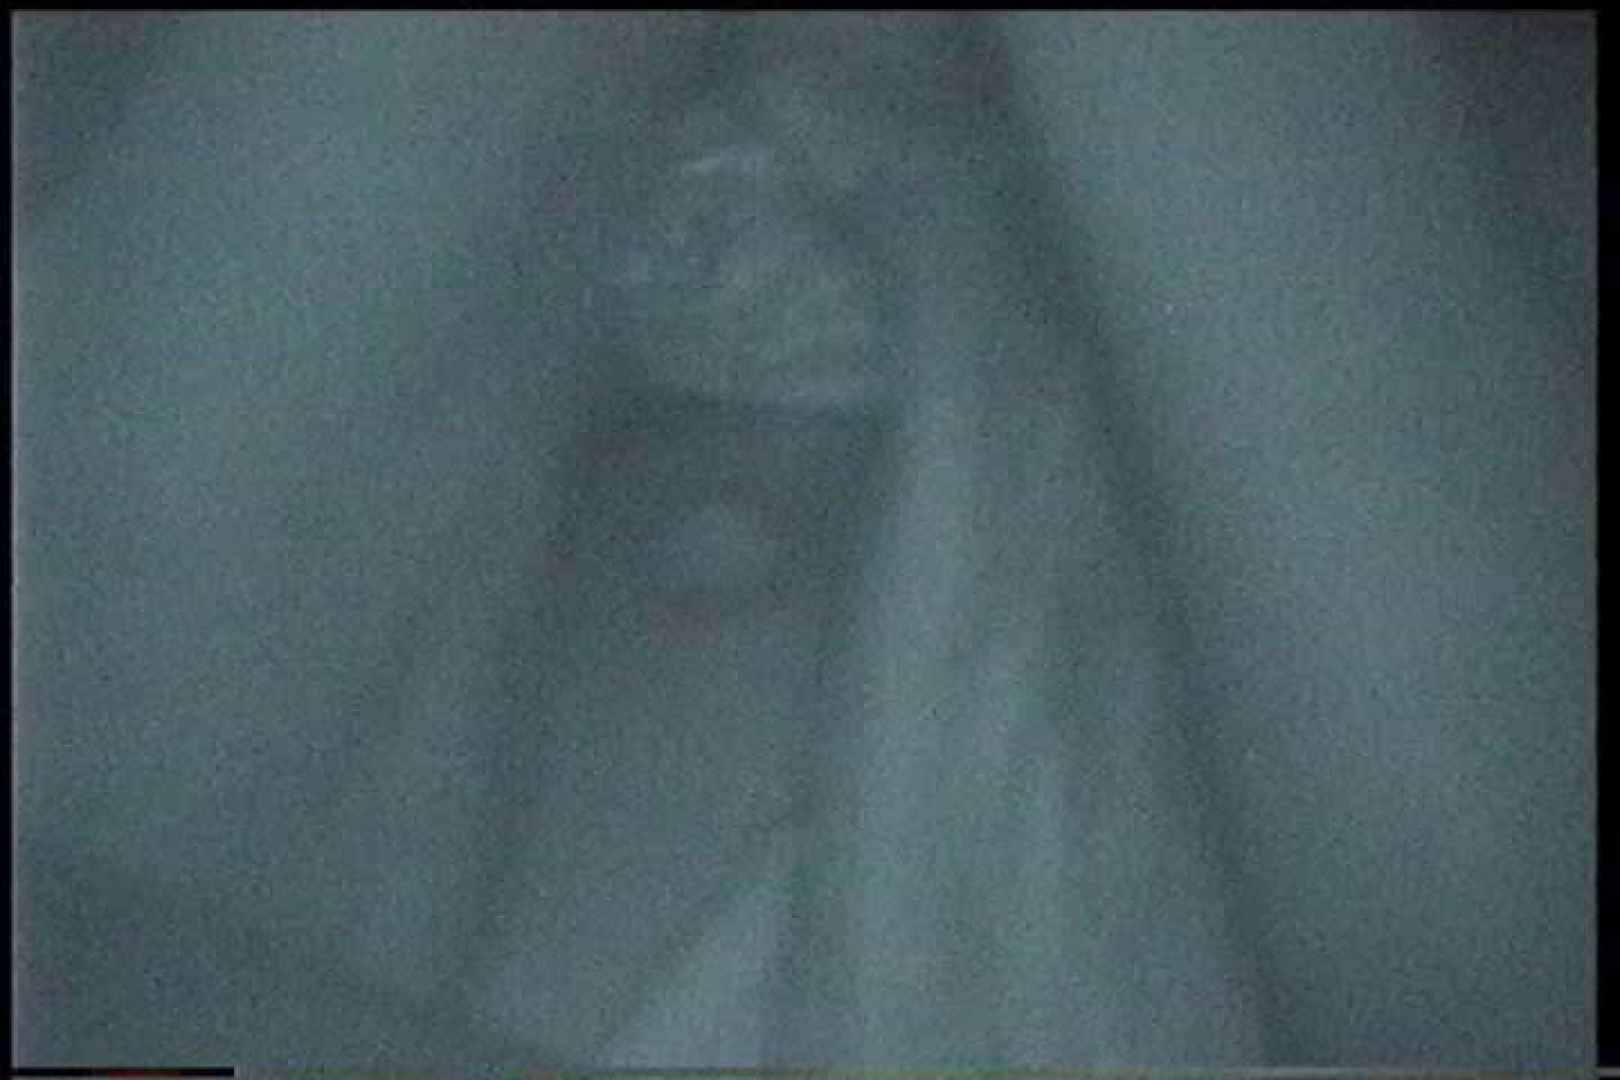 充血監督の深夜の運動会Vol.179 OLの実態 隠し撮りセックス画像 89pic 38